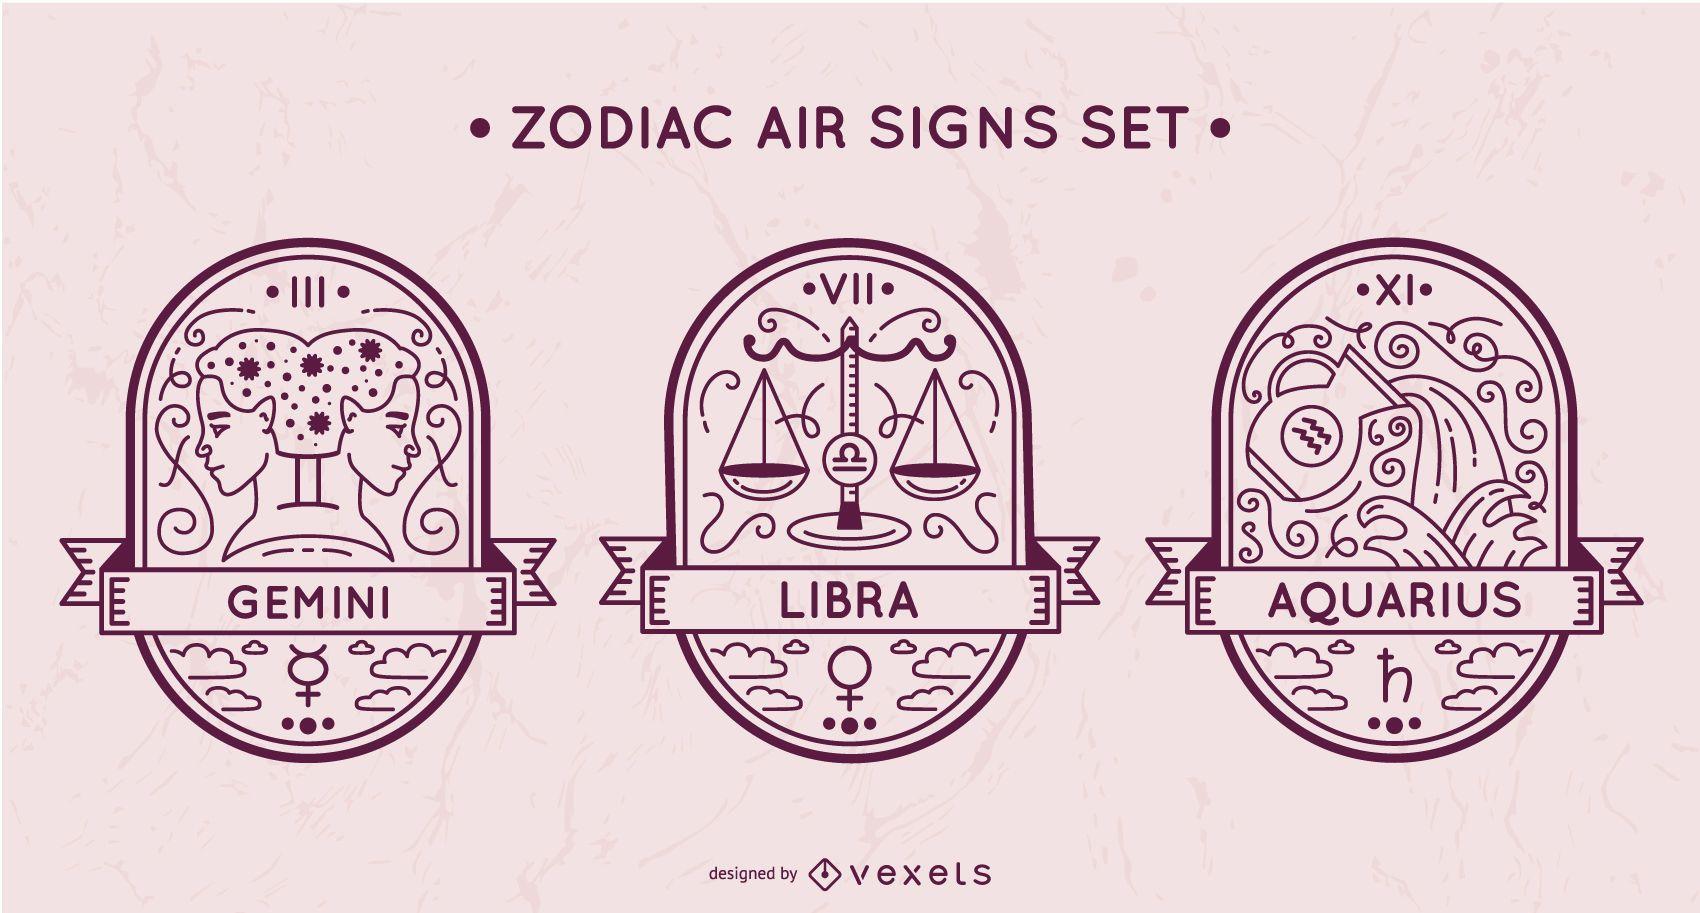 Zodiac air signs set